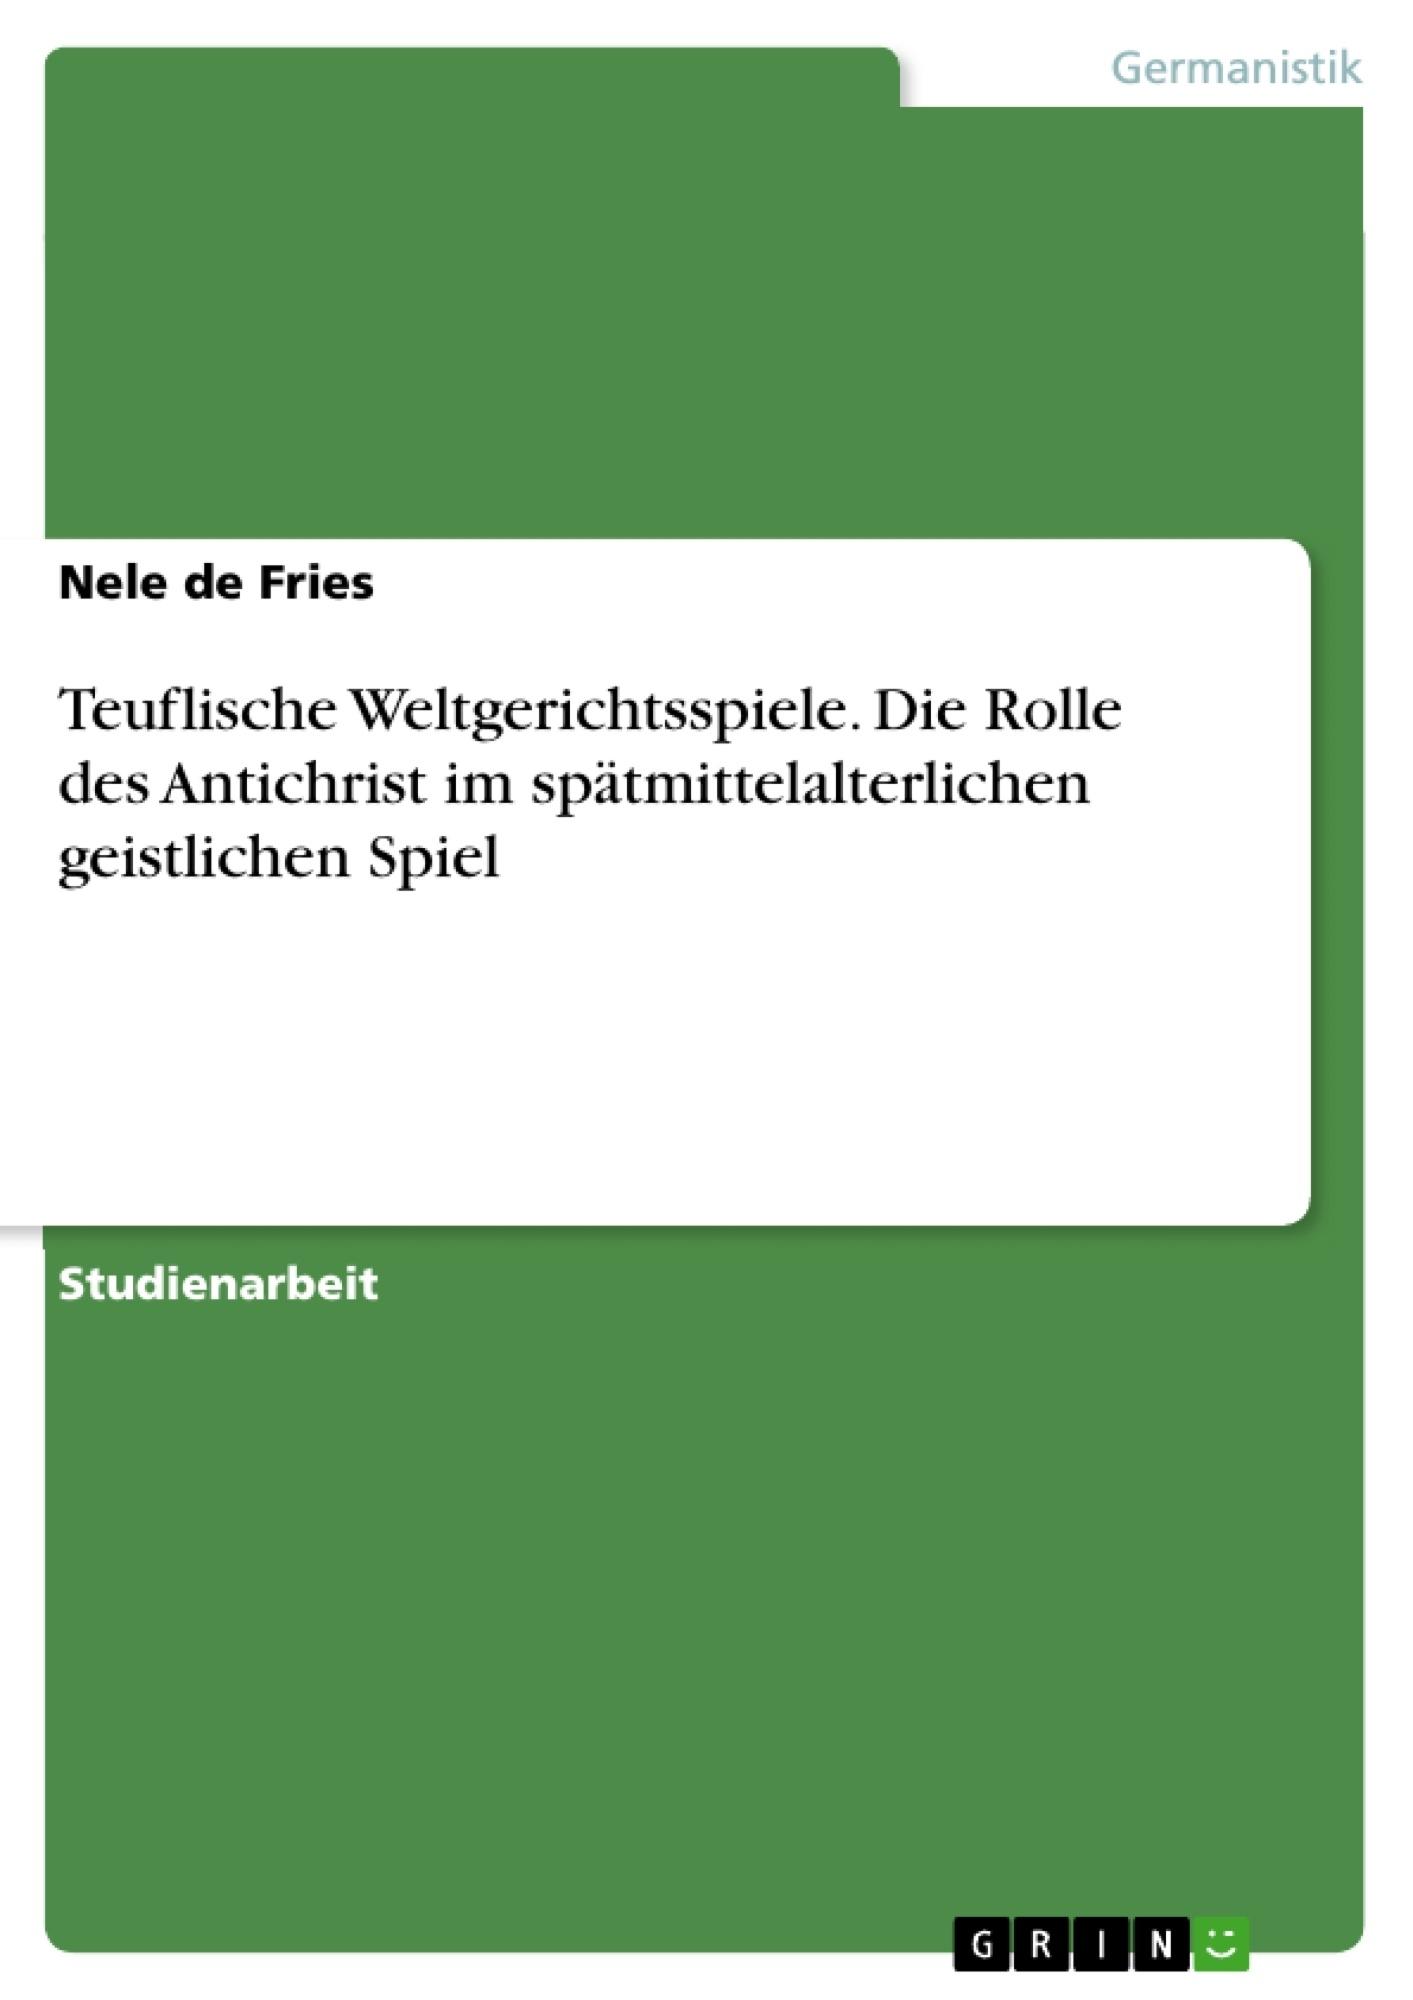 Titel: Teuflische Weltgerichtsspiele. Die Rolle des Antichrist im spätmittelalterlichen geistlichen Spiel